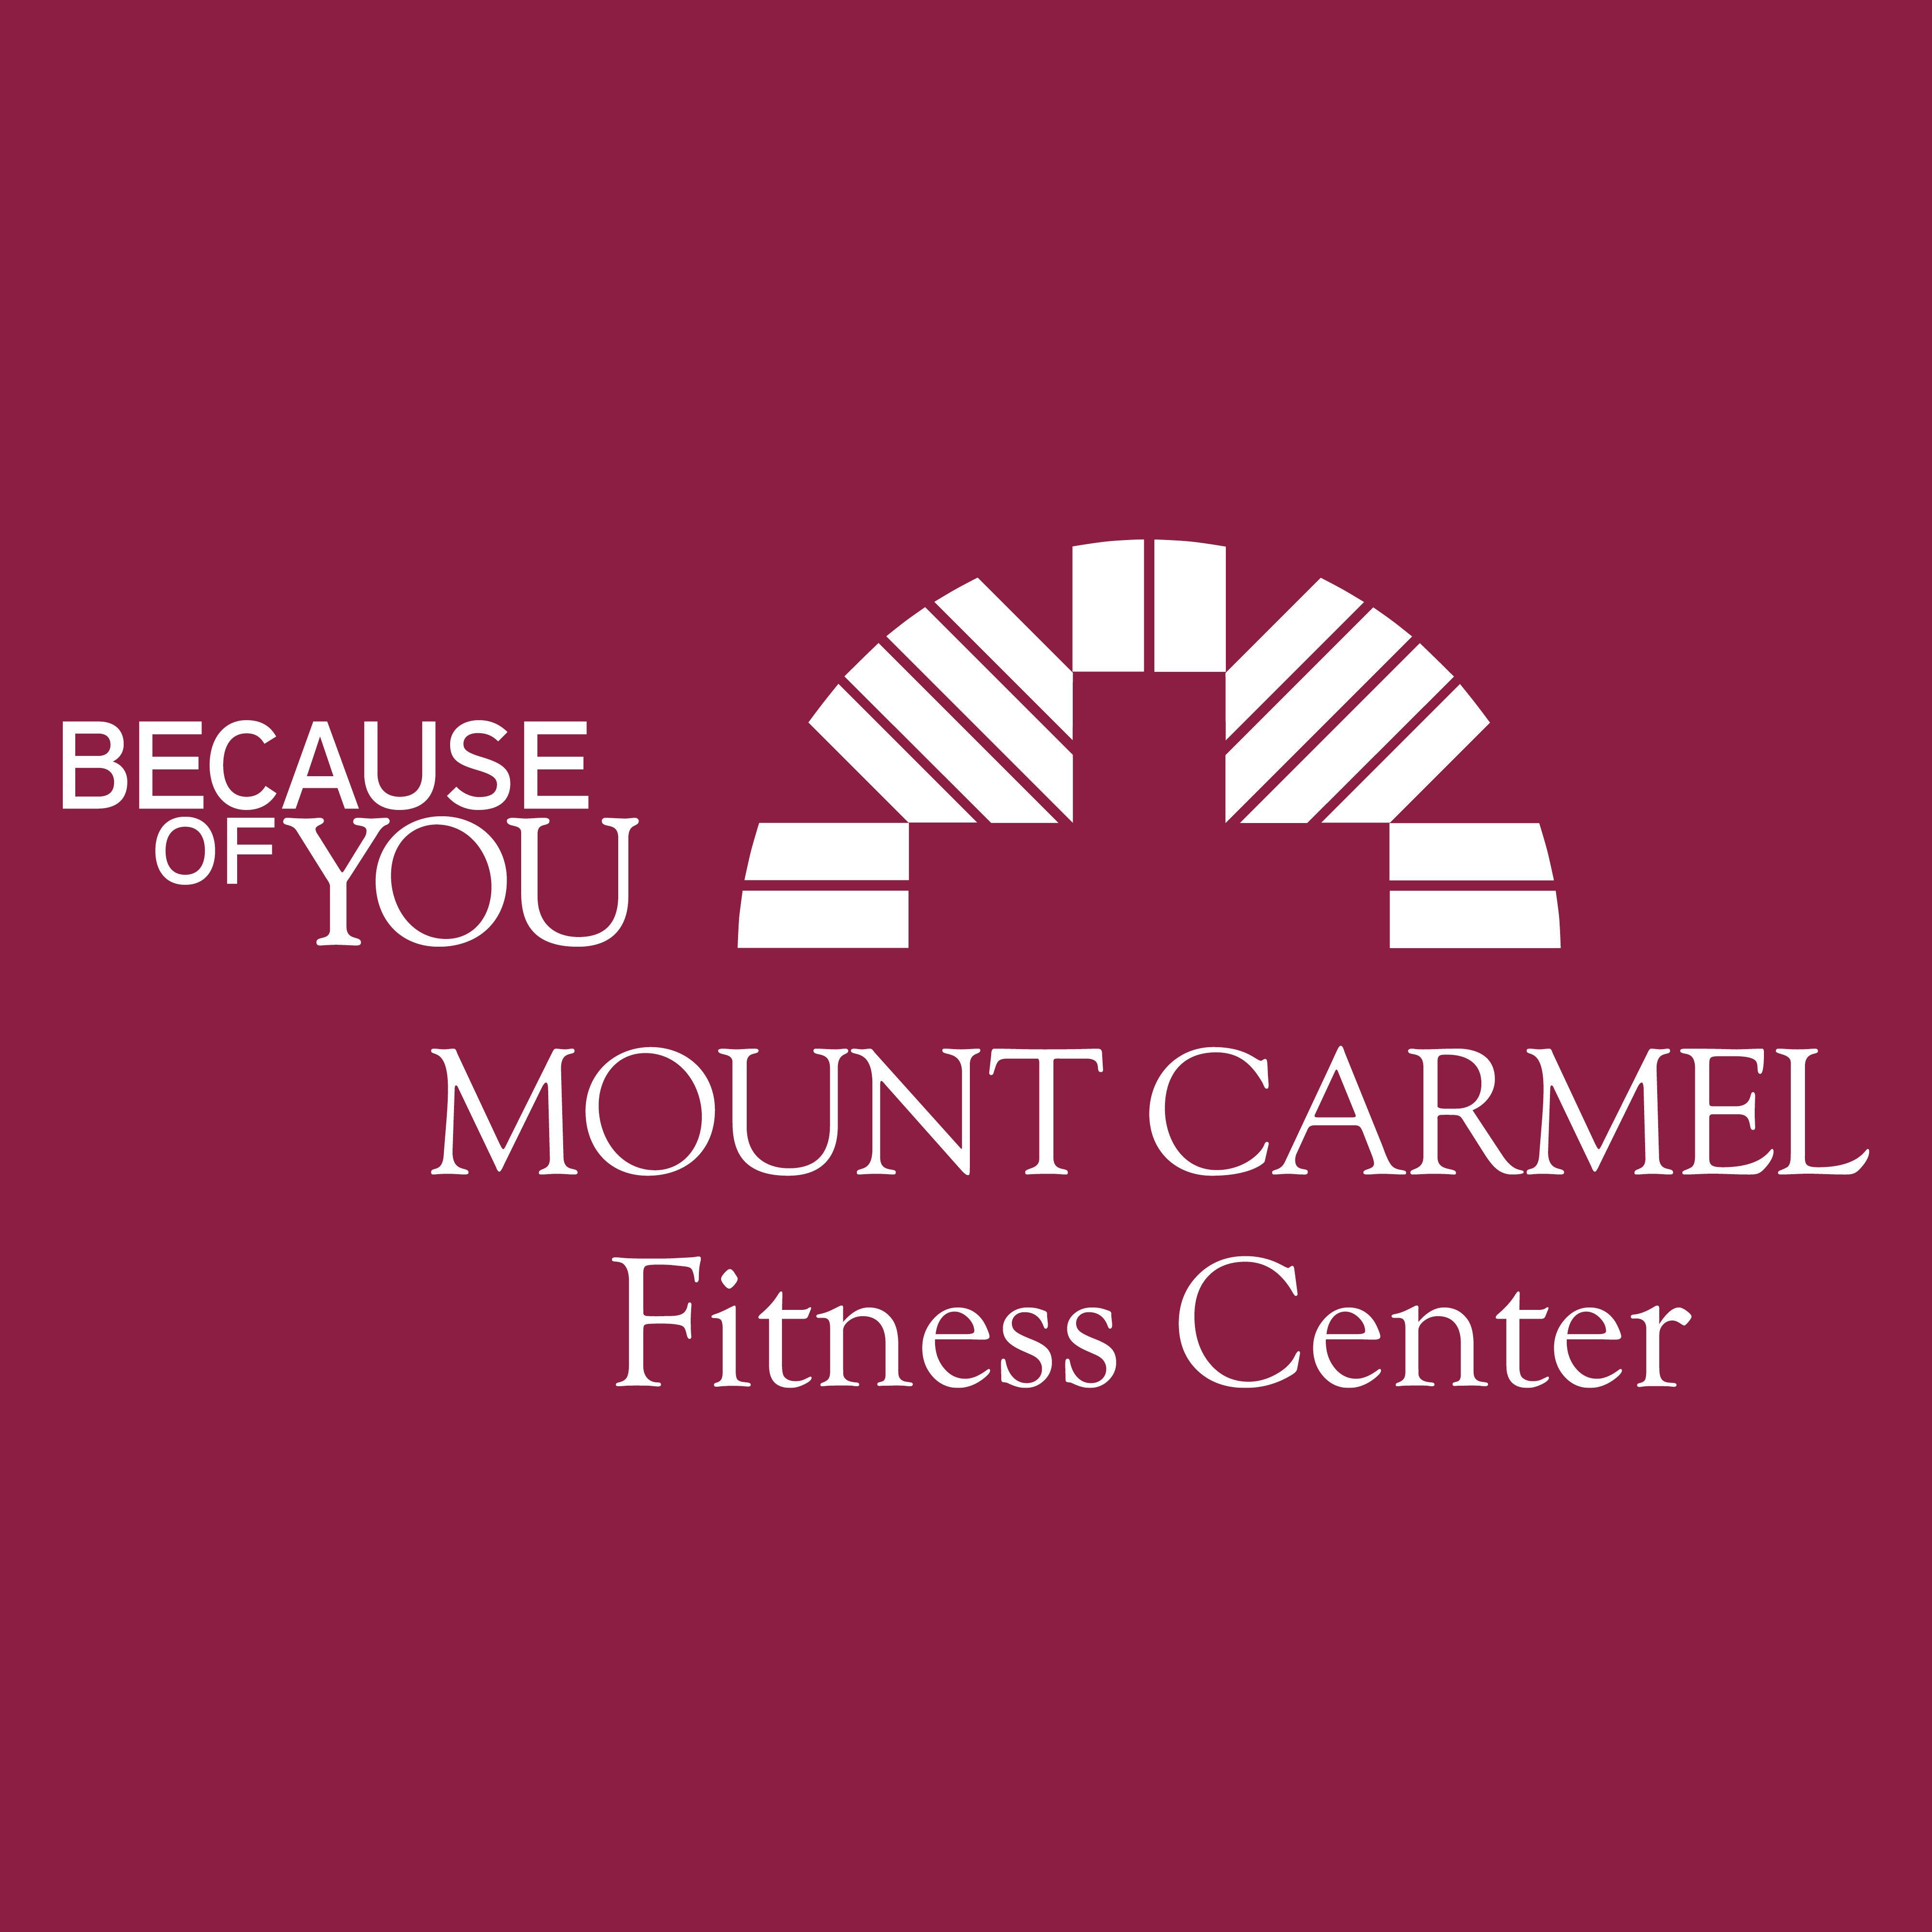 Mount Carmel Fitness Center